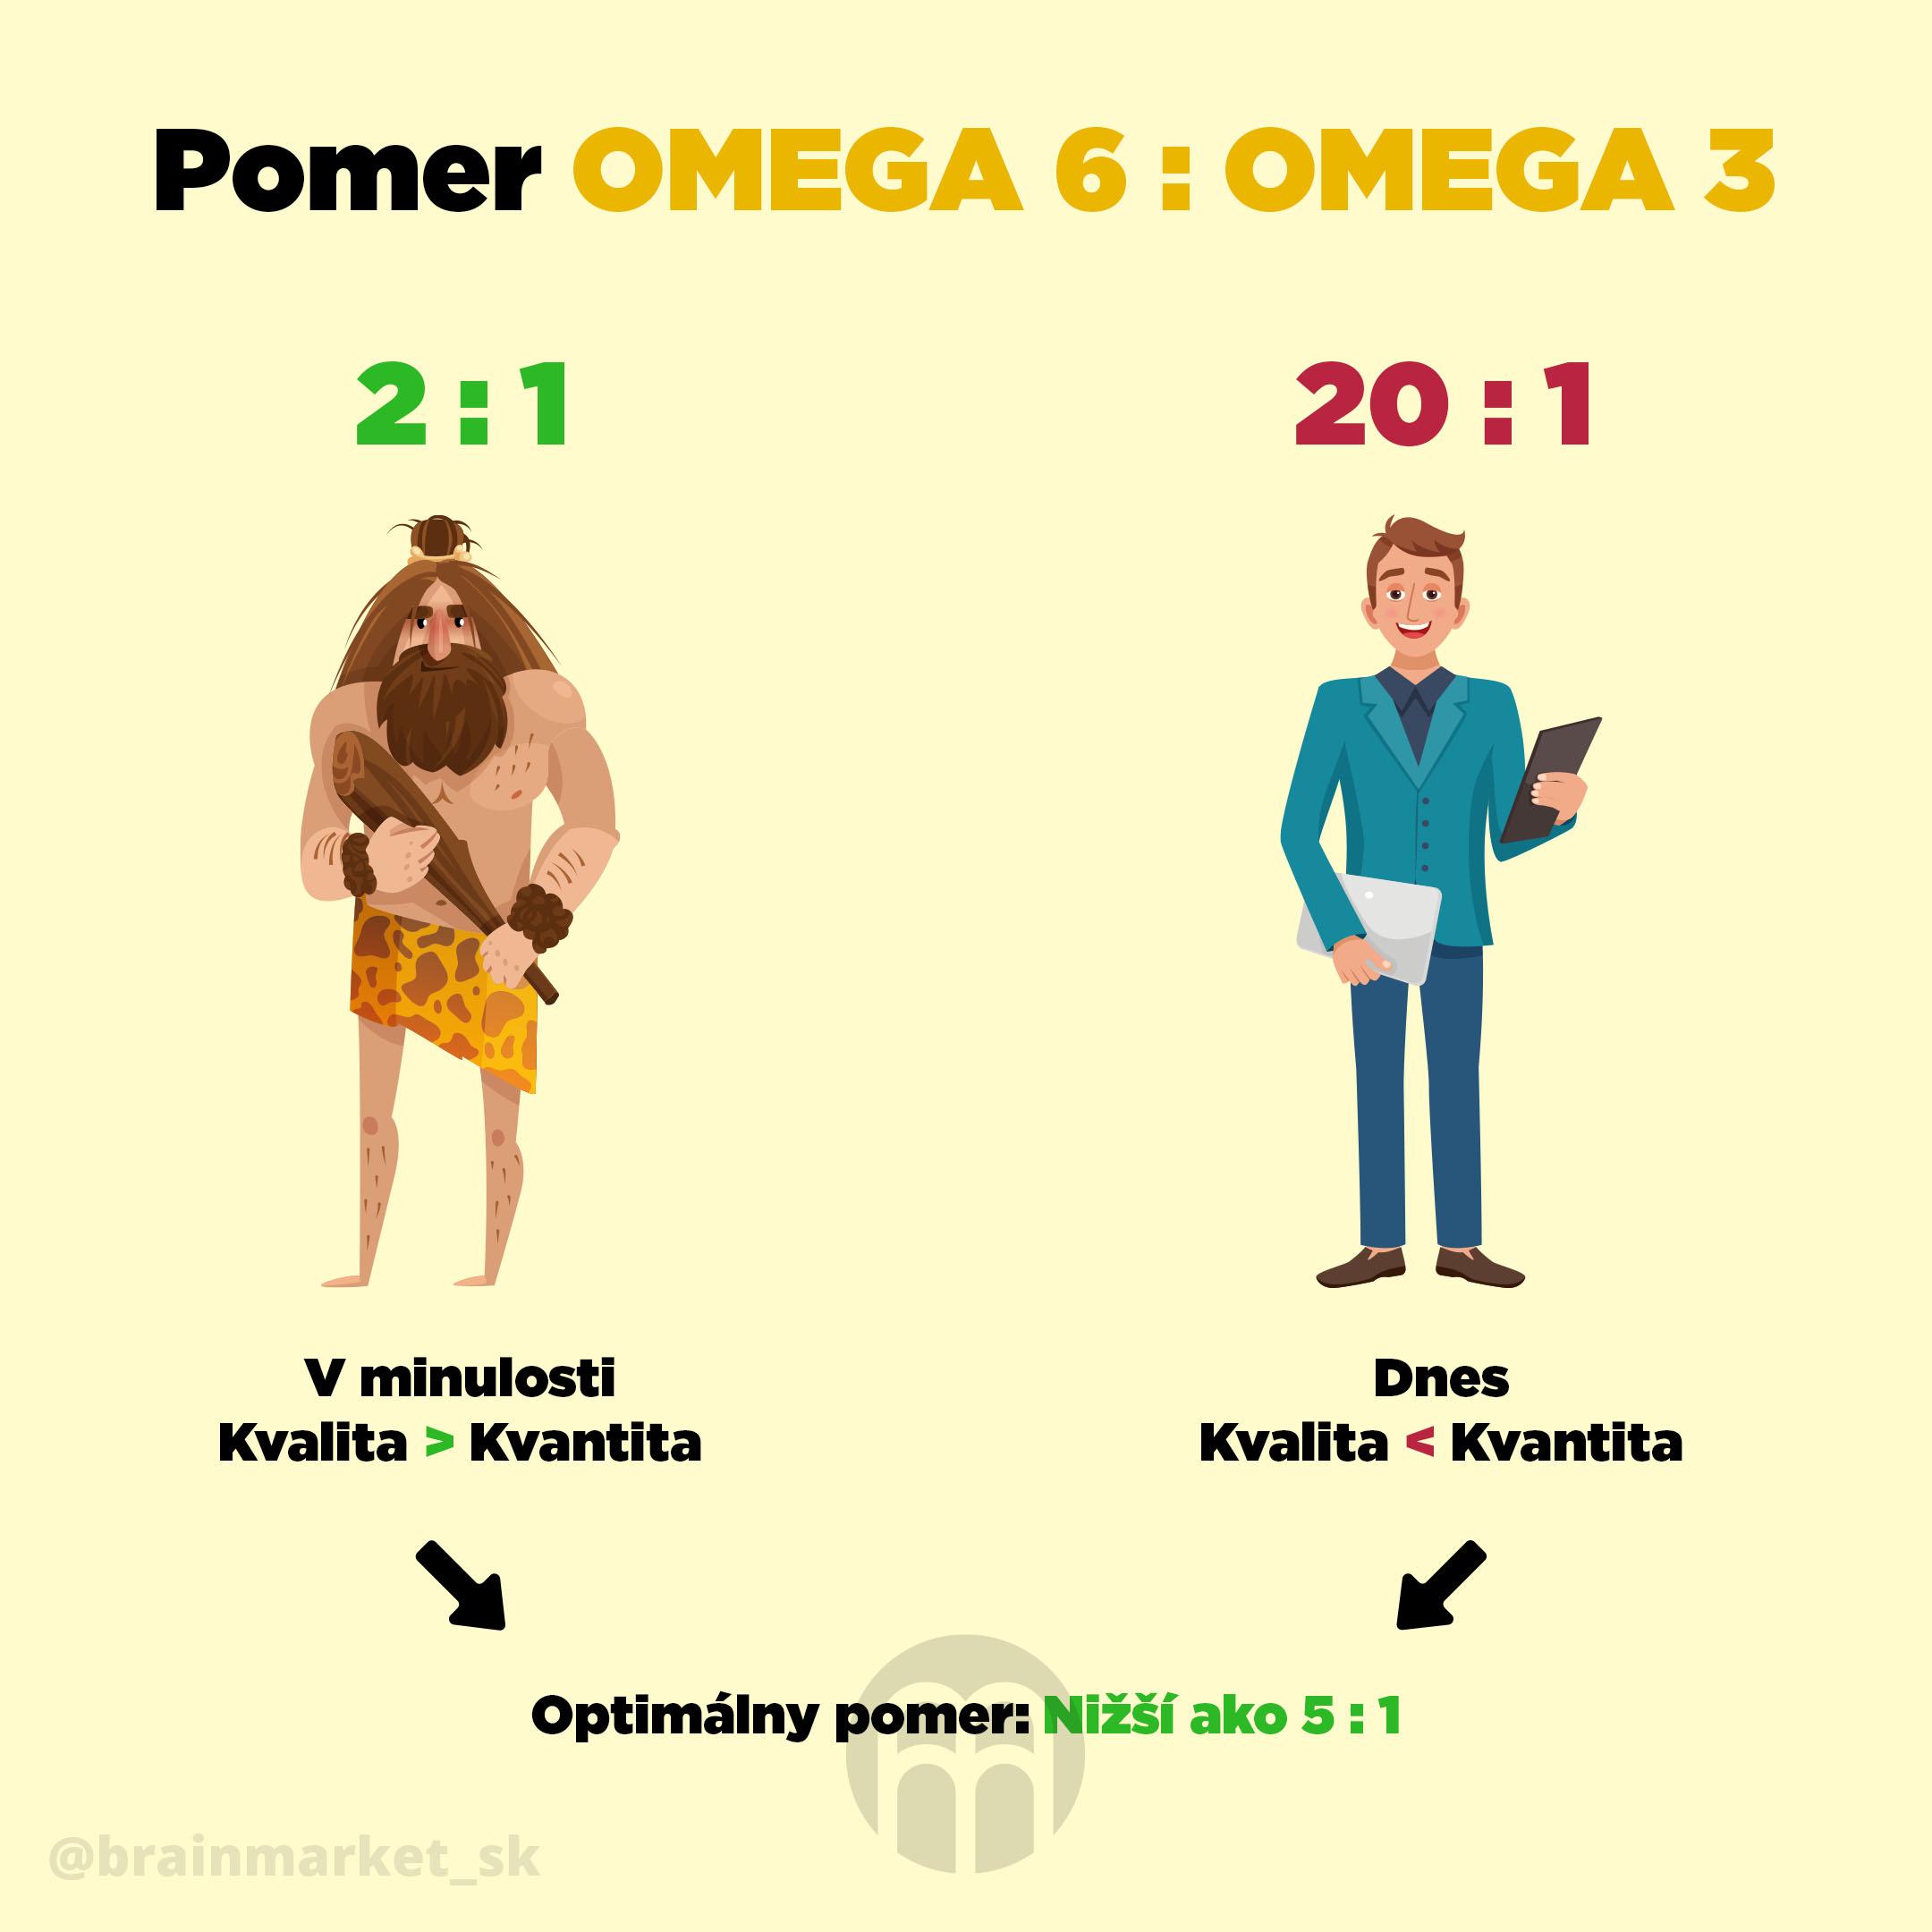 pomer_omega_6_omega_3_infografika_brainmarket_SK